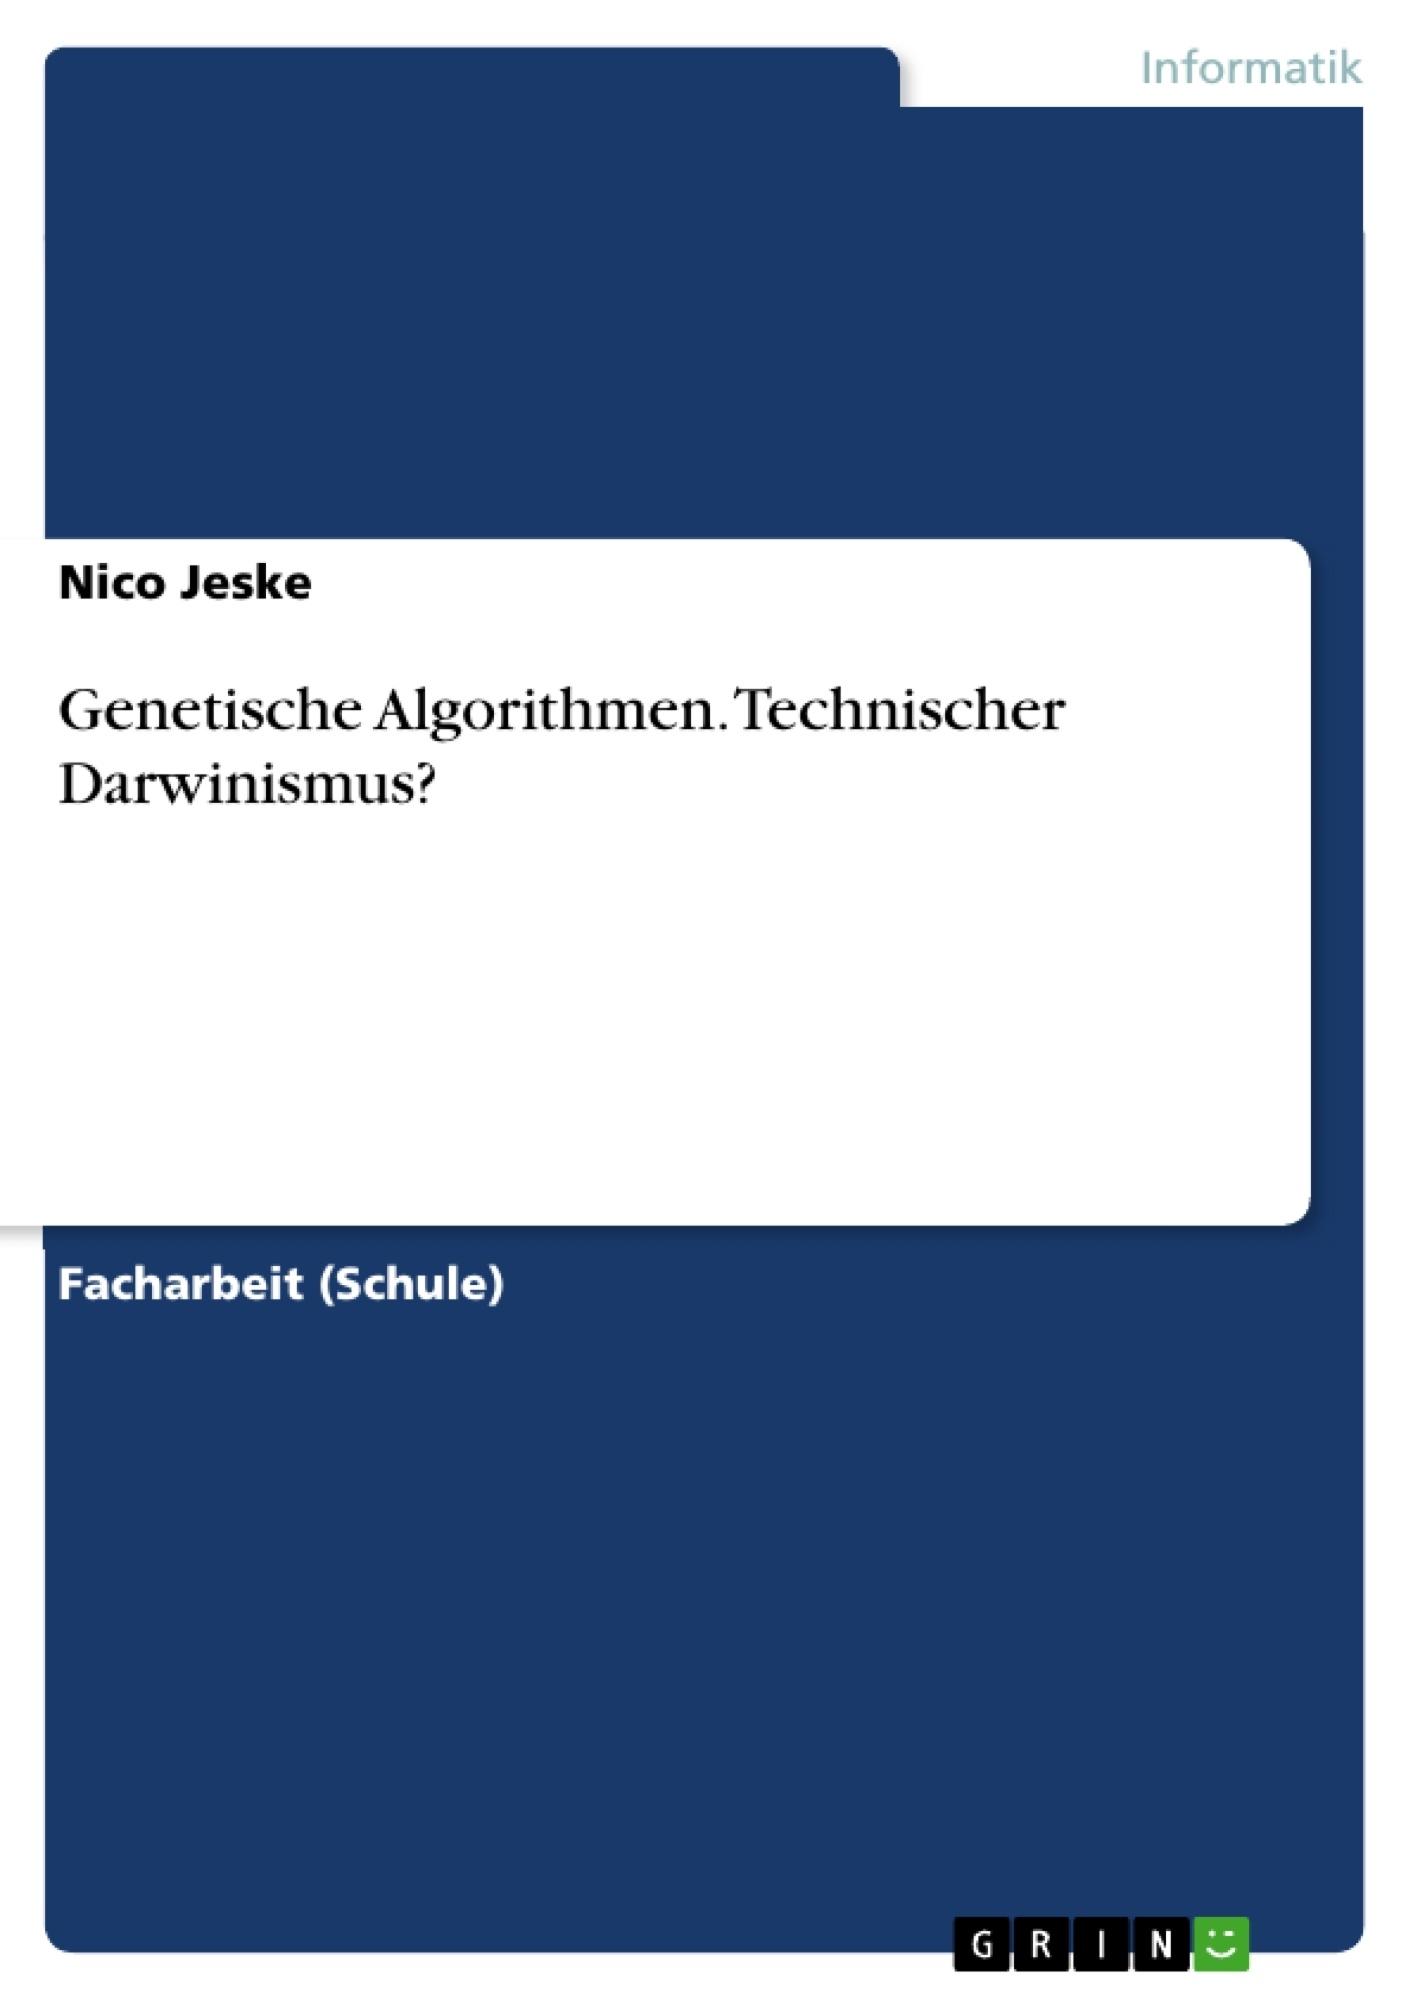 Titel: Genetische Algorithmen. Technischer Darwinismus?